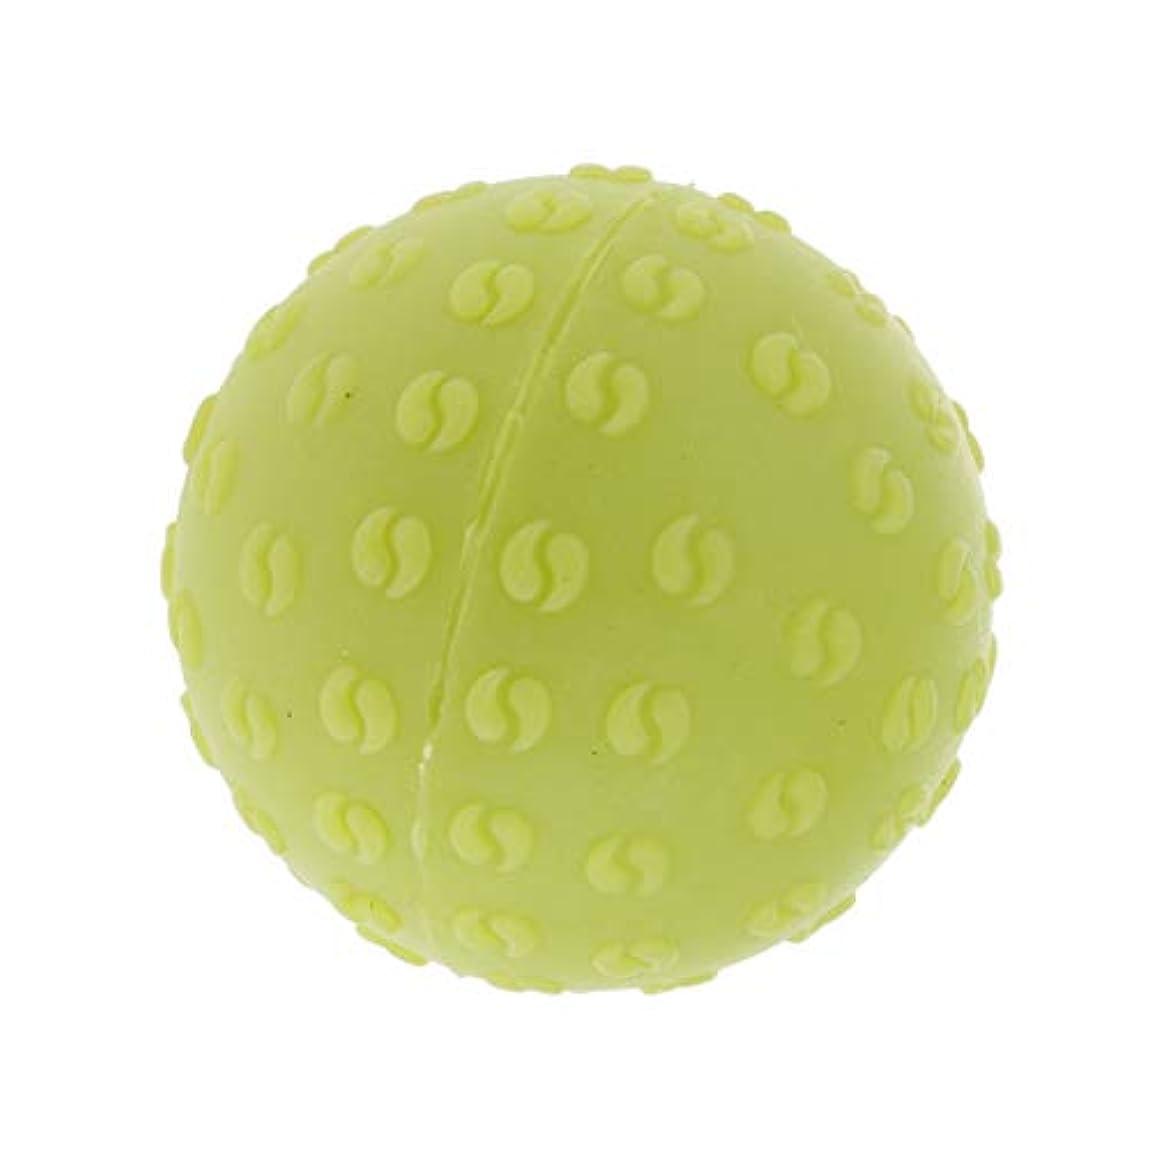 泣き叫ぶ批判虫を数える全6色 マッサージボール 指圧ボール シリコーン トリガーポイント 足底筋膜炎 ヨガ 耐油性 快適 - 緑, 説明のとおり